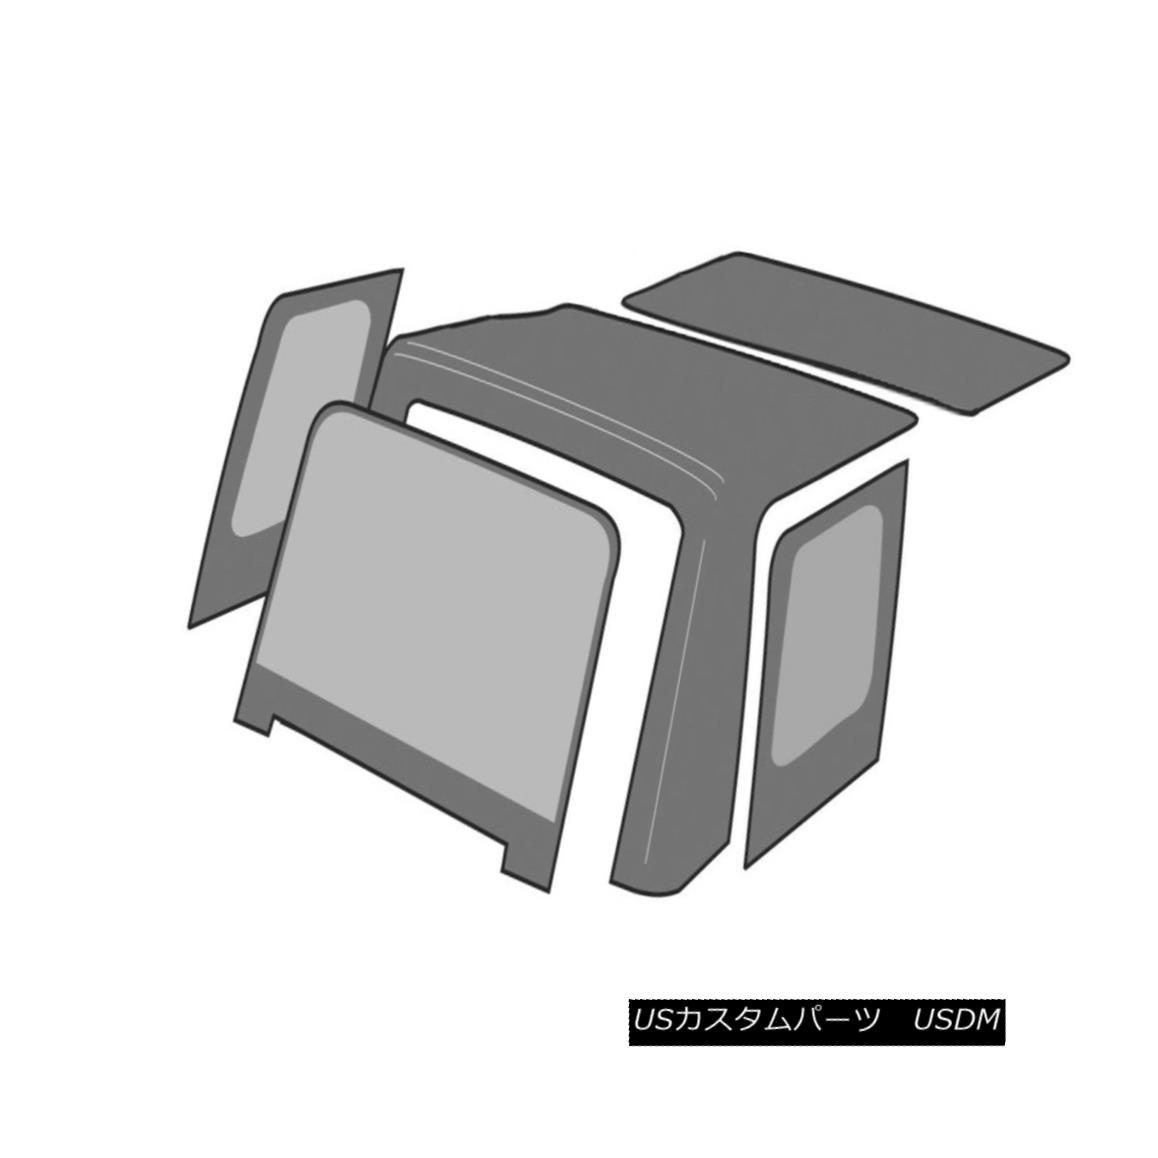 幌・ソフトトップ Rampage 99315 Factory Replacement Soft Top Fits 97-06 Wrangler (TJ) Rampage 99315工場交換ソフトトップフィット97-06 Wrangler(TJ)